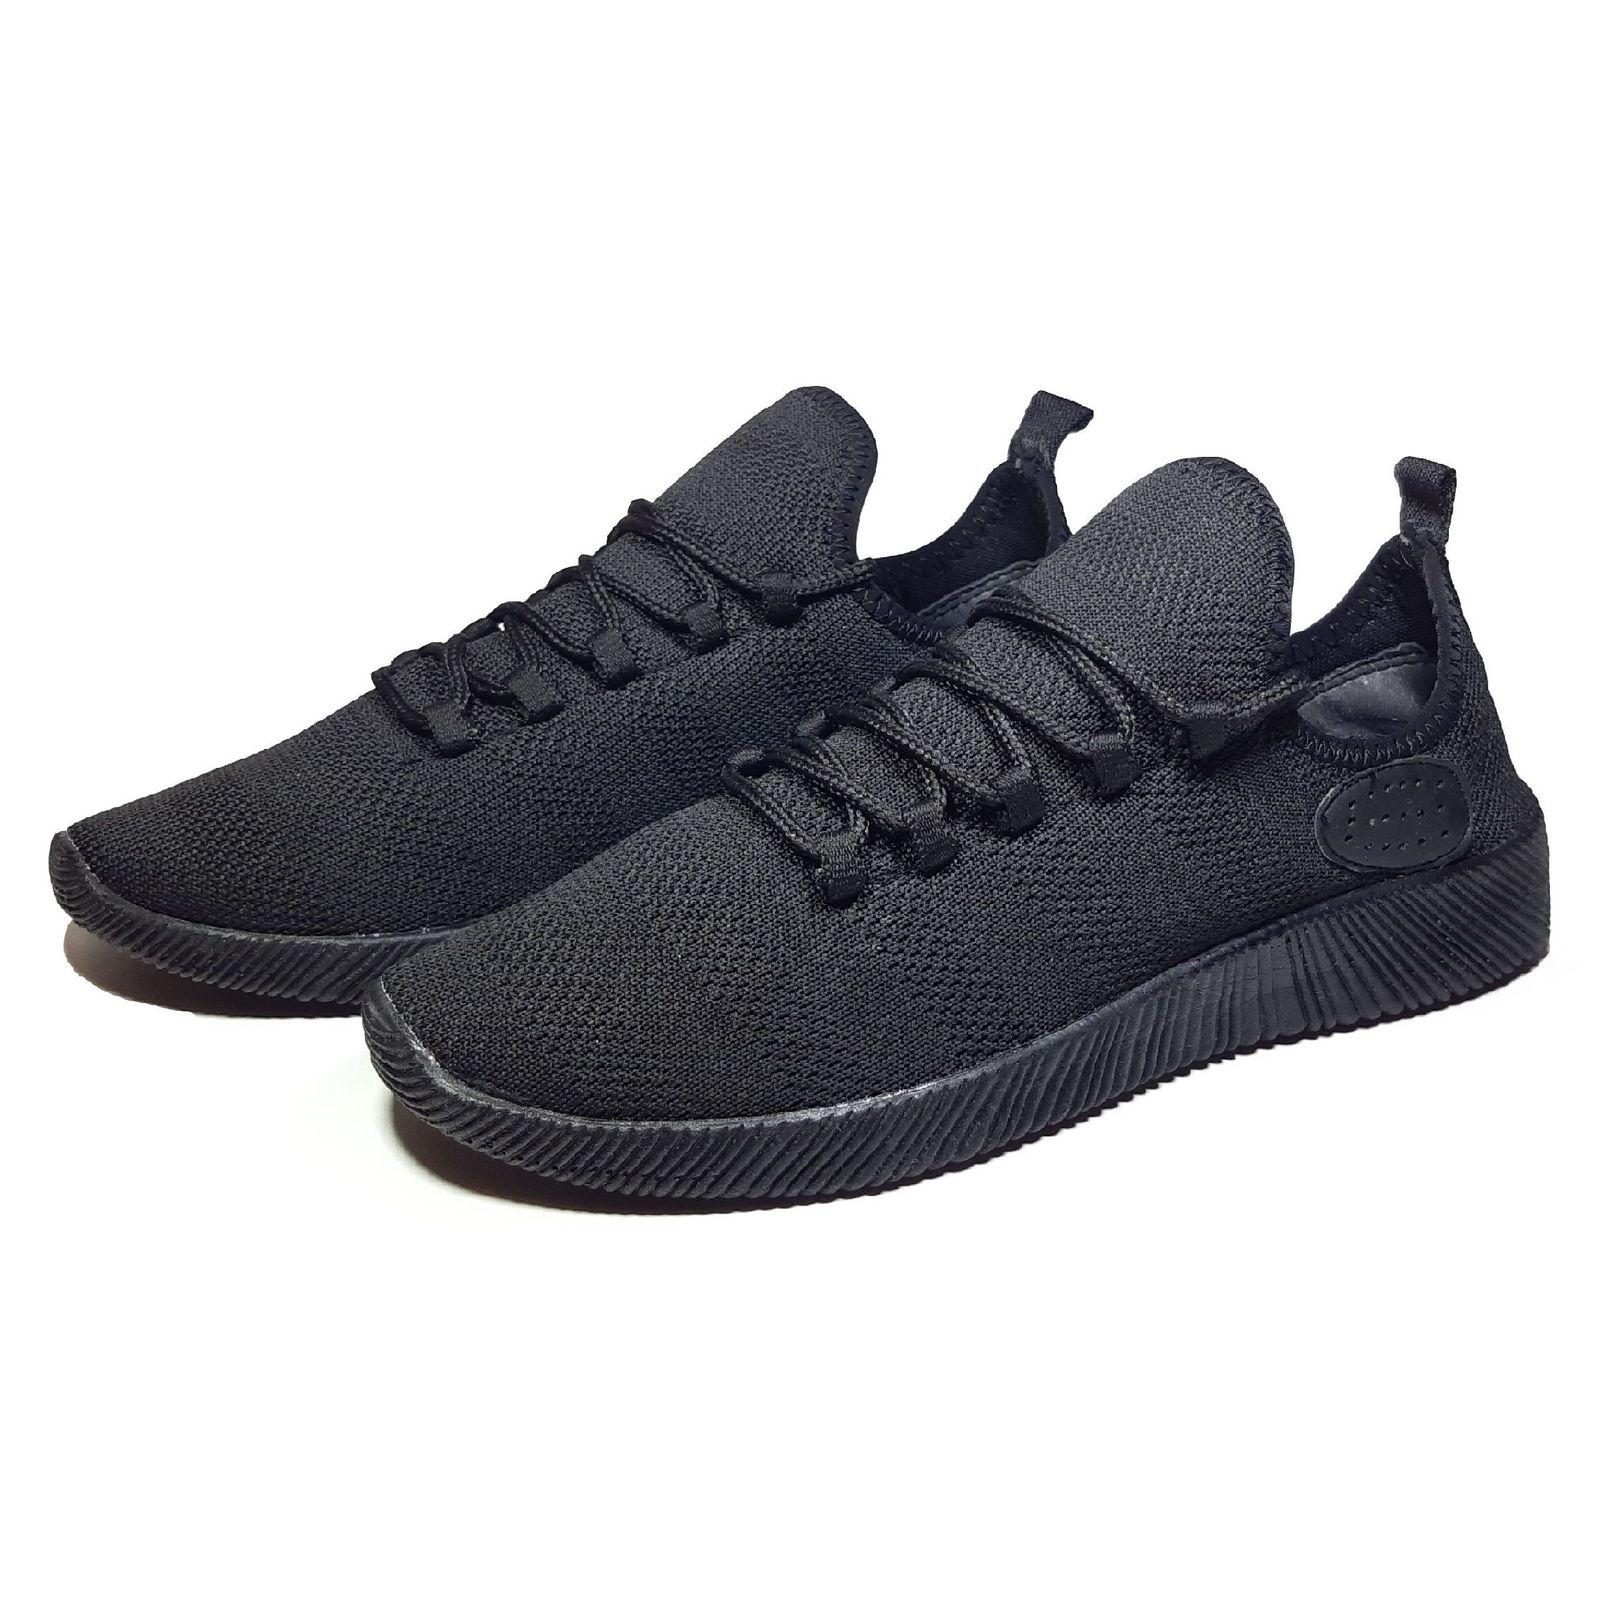 کفش مخصوص پیاده روی زنانه مدل Dharma Black W main 1 3